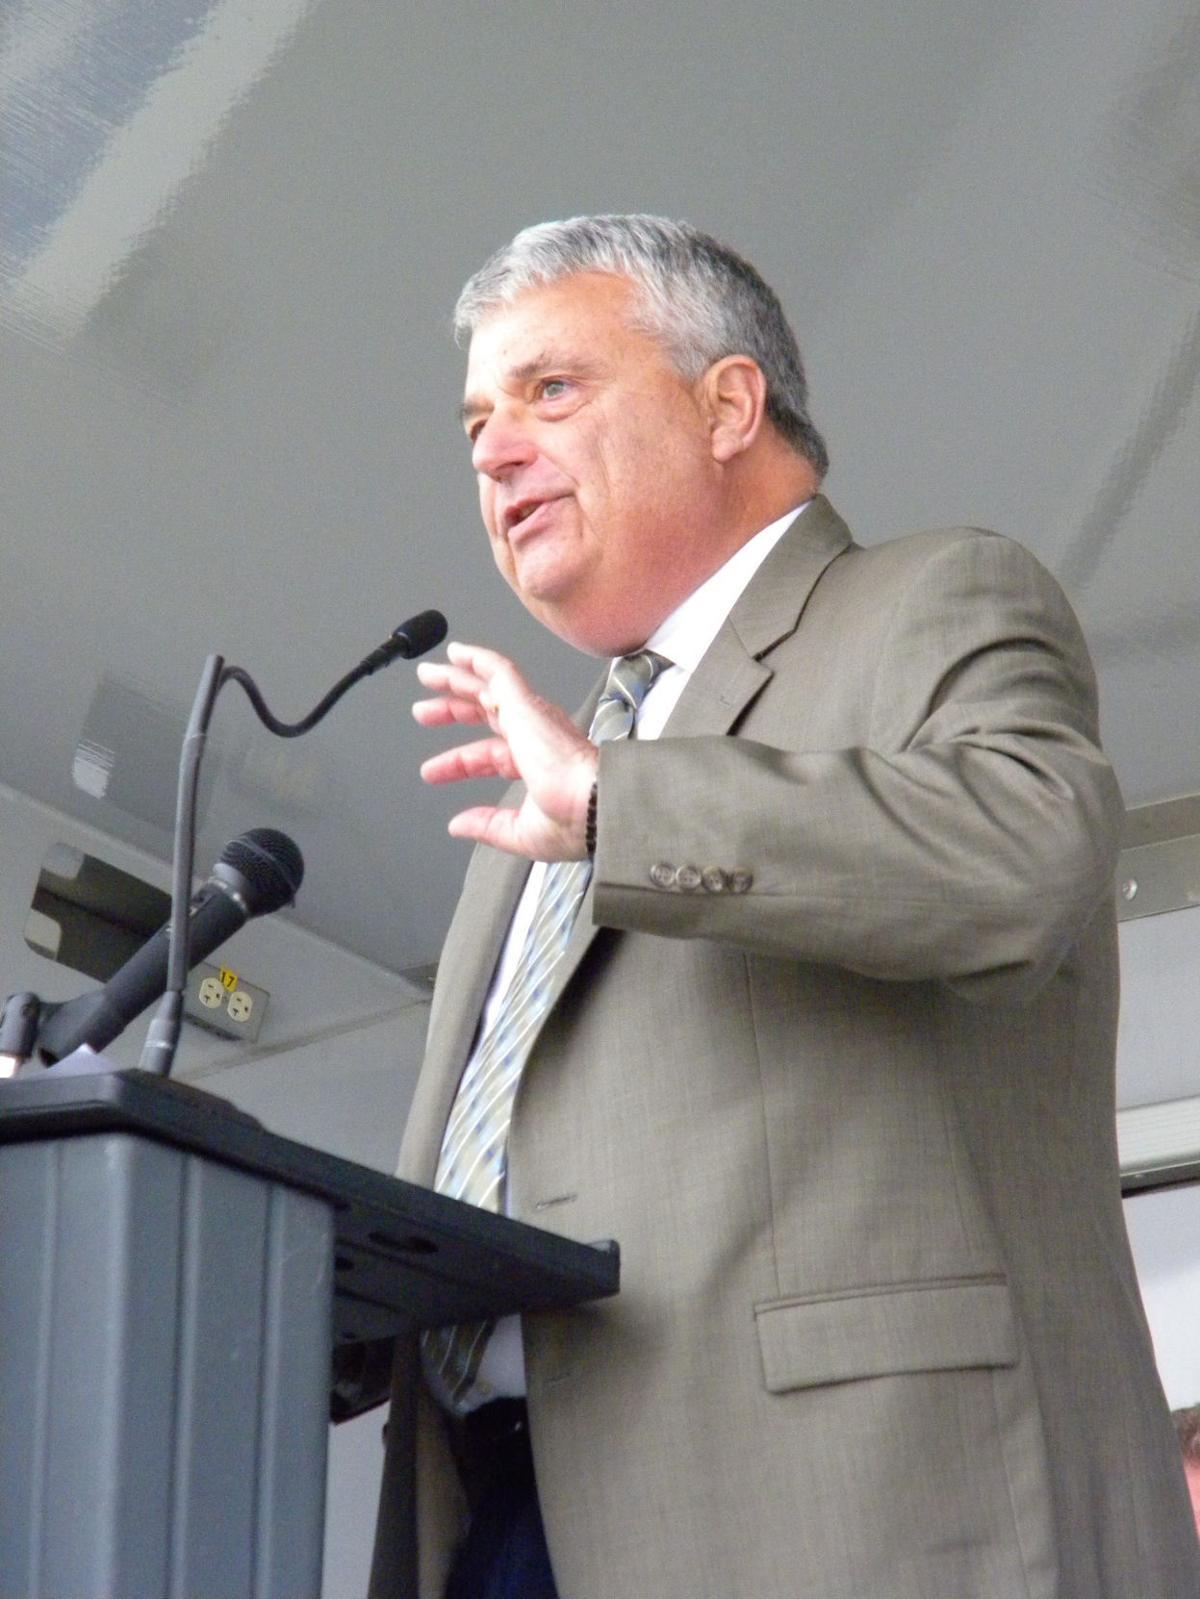 Alan Tandy